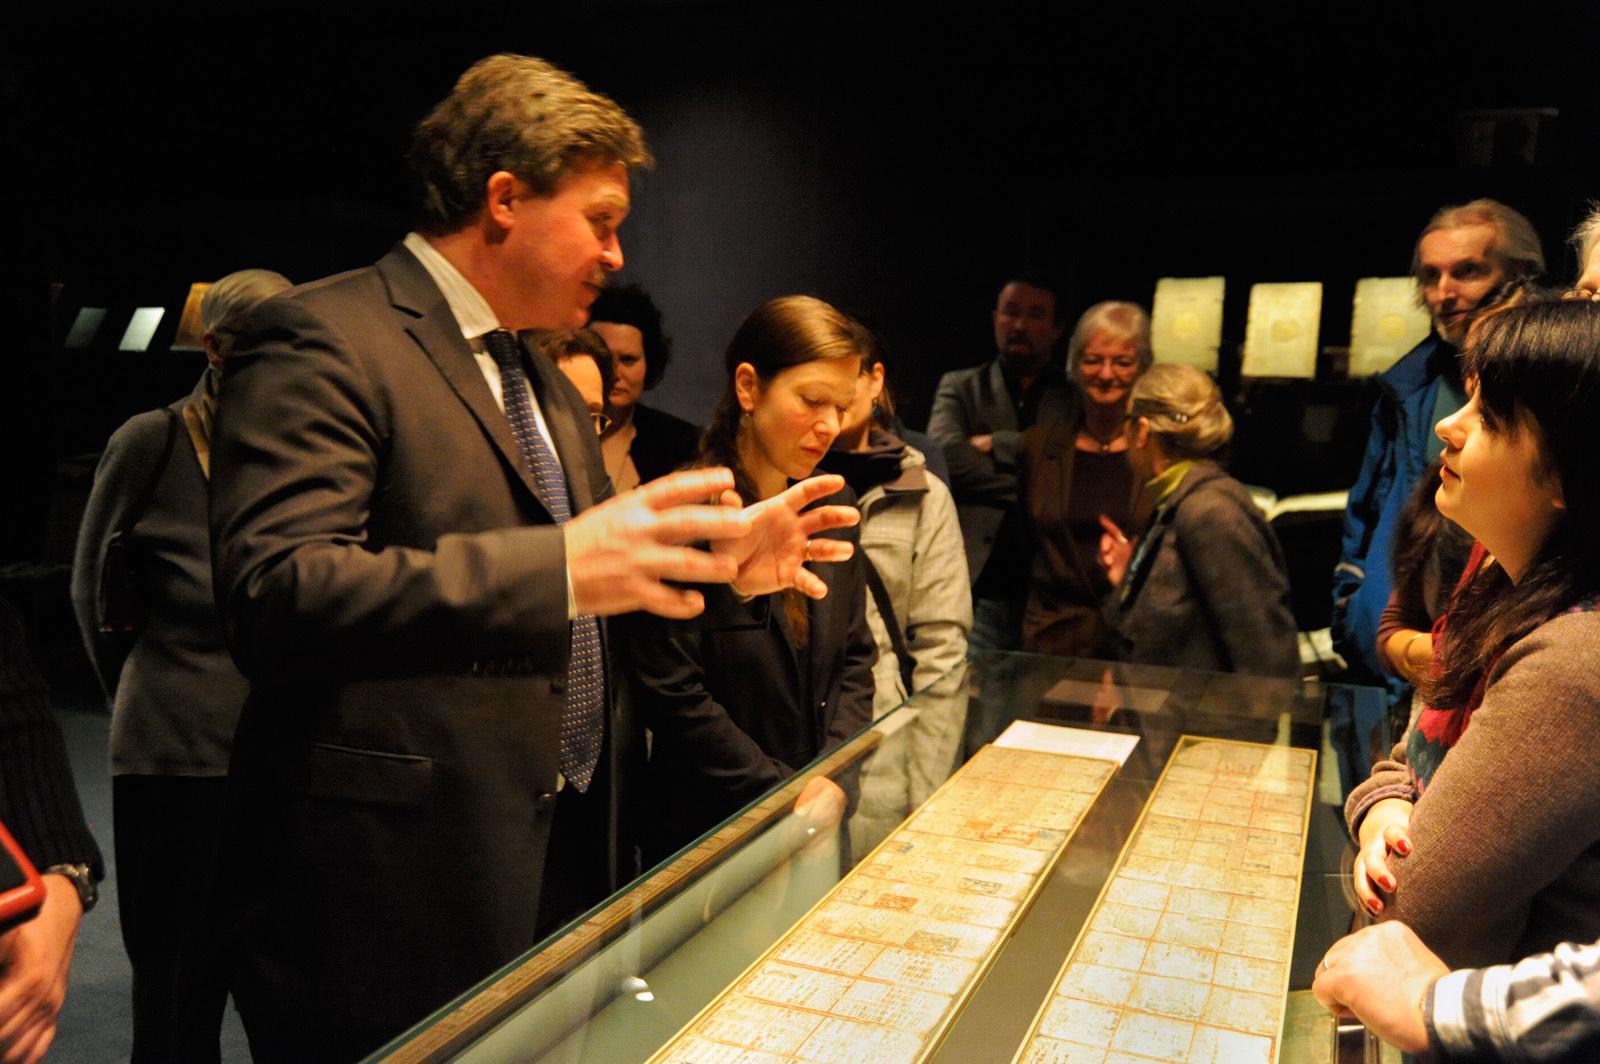 """Eröffnung der Ausstellung """"Weltuntergang 2012? Der Dresdner Maya-Codex und seine Entzifferung"""" im Vortragsaal der SLUB"""